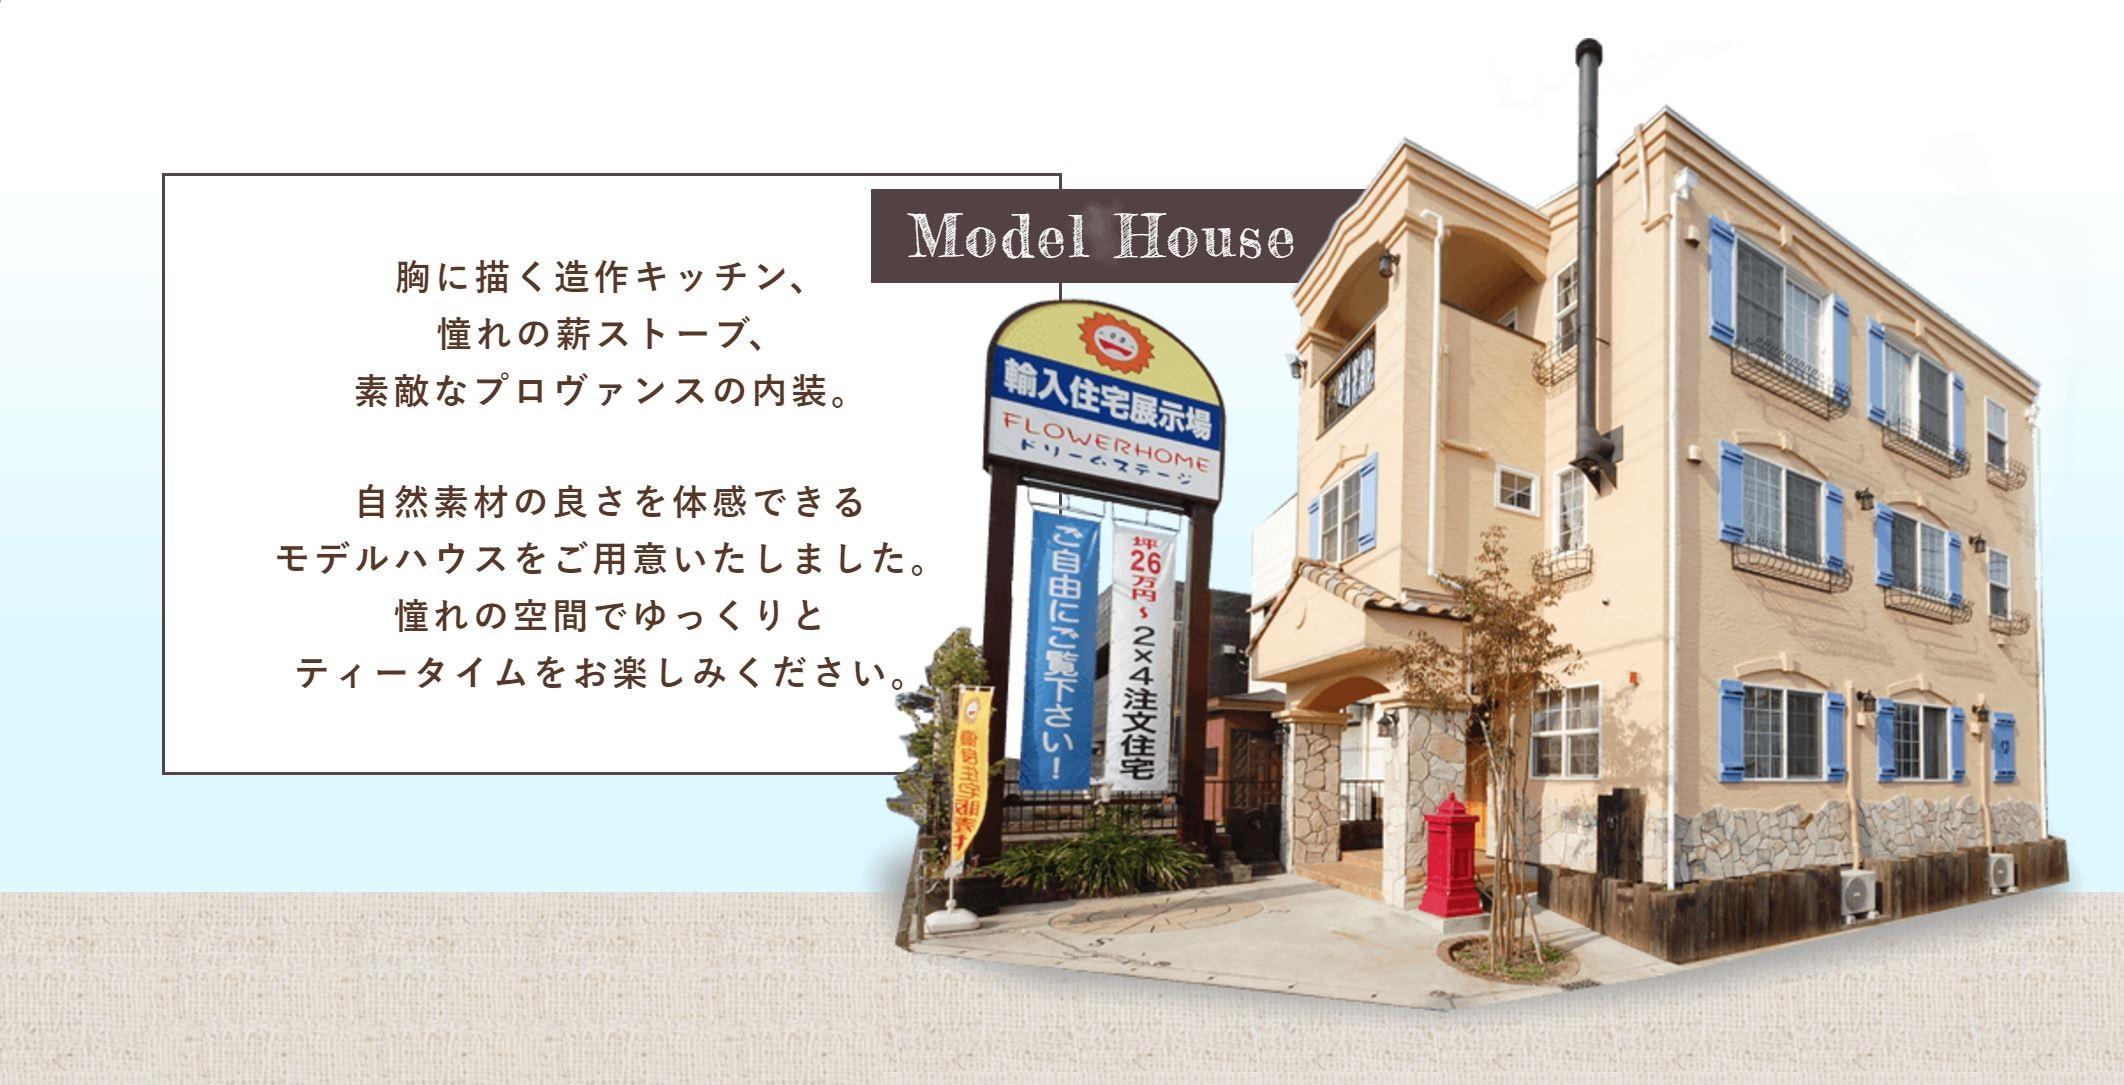 モデルハウスはいつでも見学できます